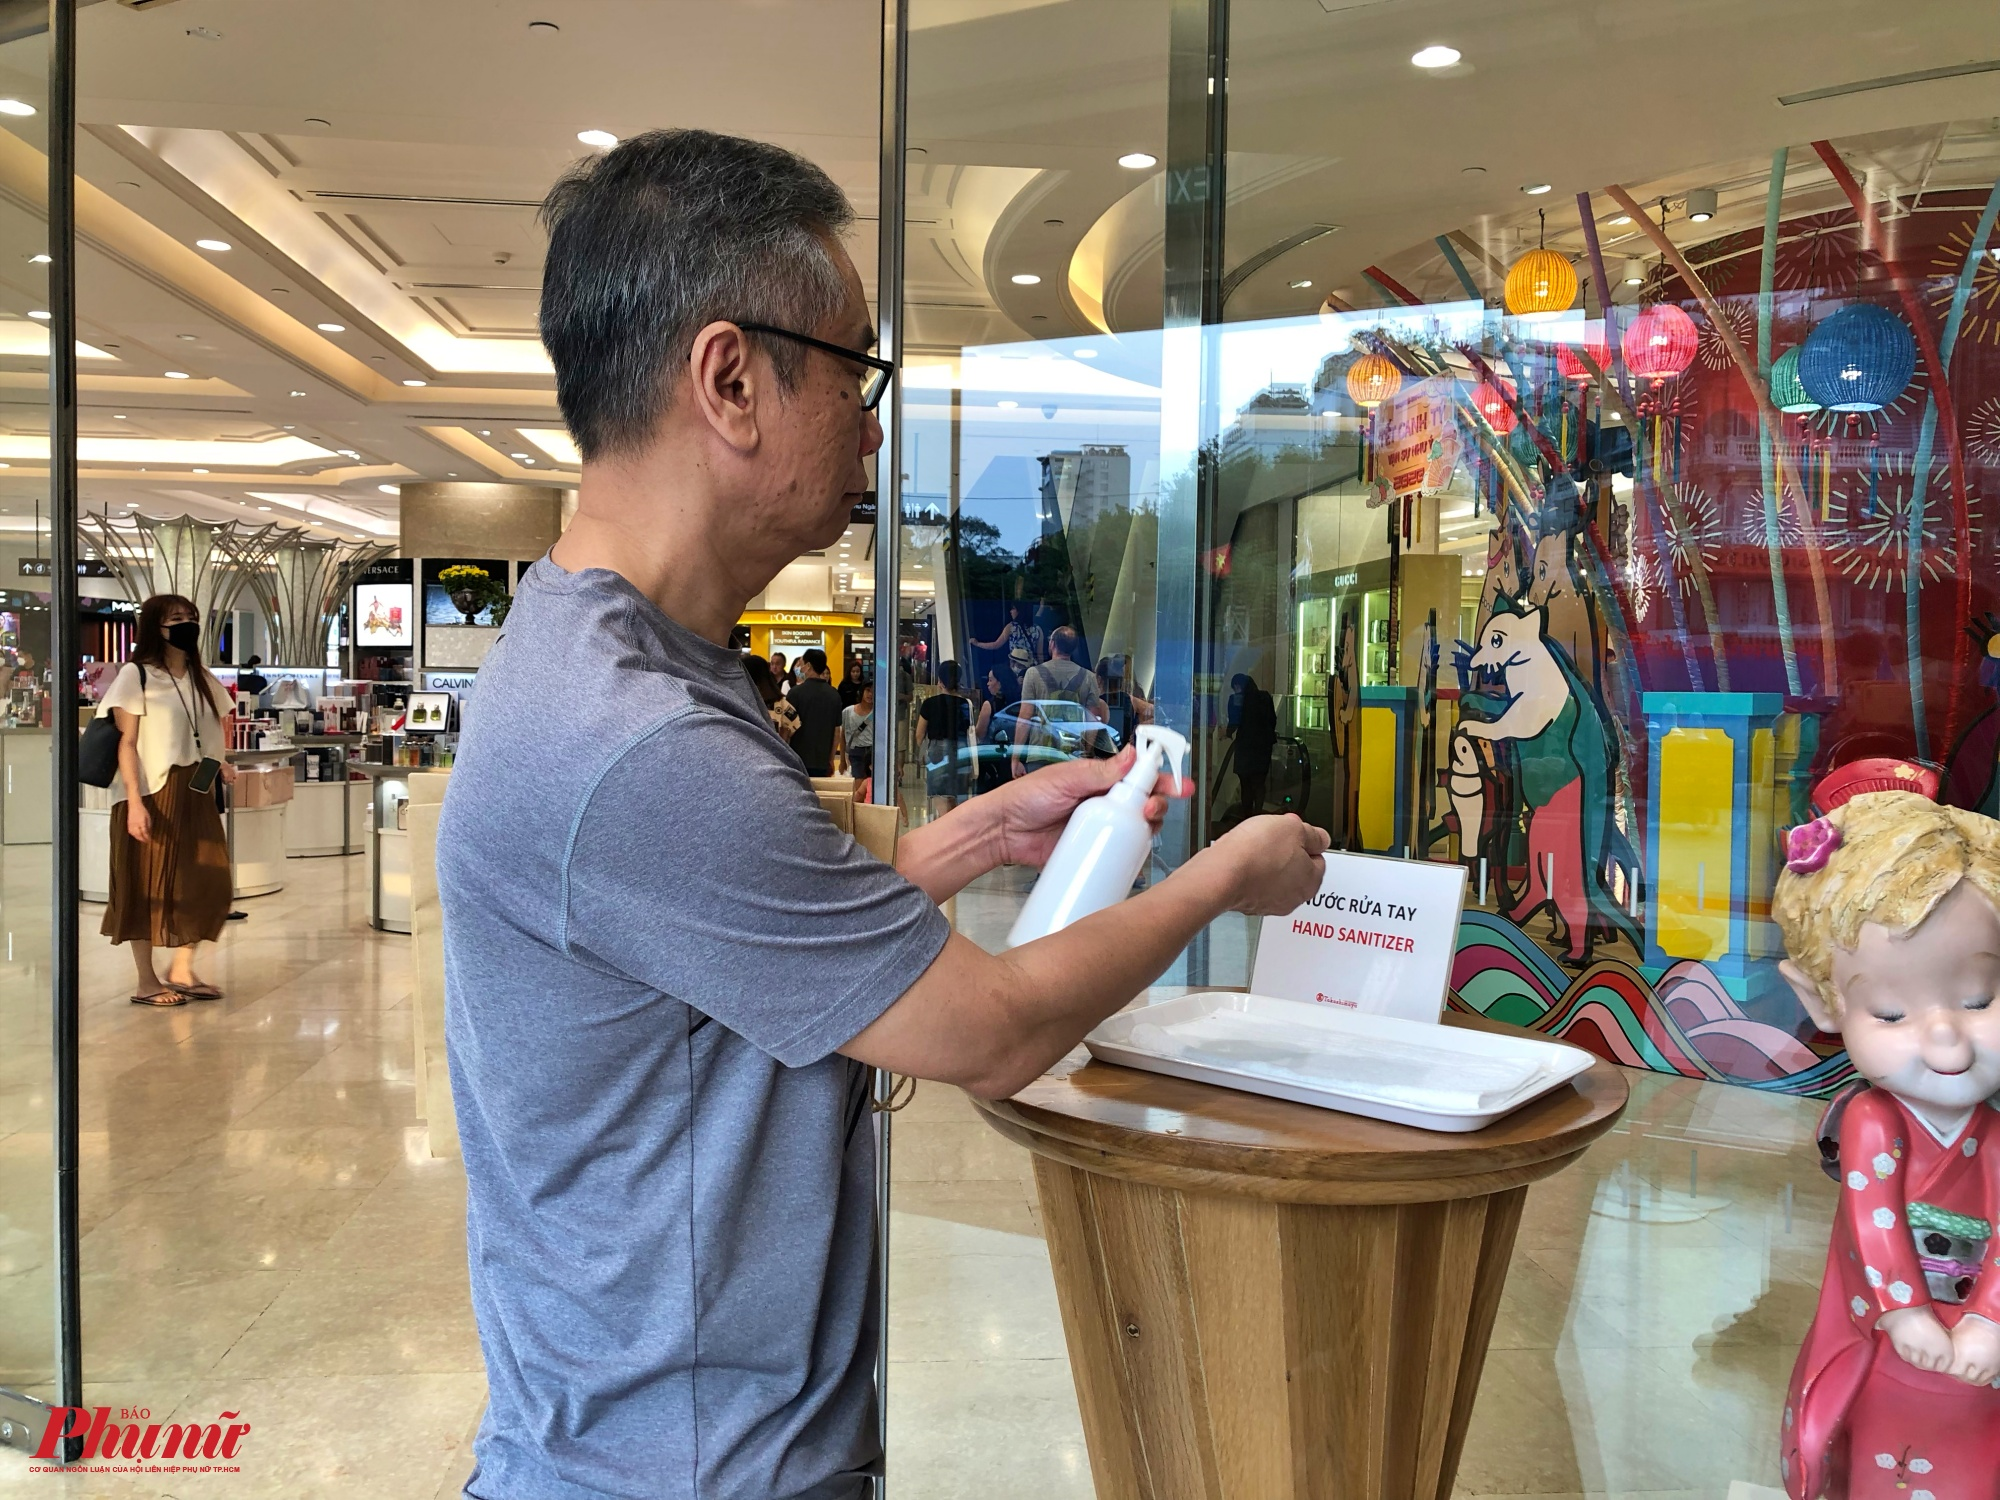 Tại trung tâm thương mại Saigon Centre, cổng ra vào cũng đặt sẵn một chai nước rửa tay để người dân và du khách rửa tay sát khuẩn nhằm ngăn ngừa dịch bệnh